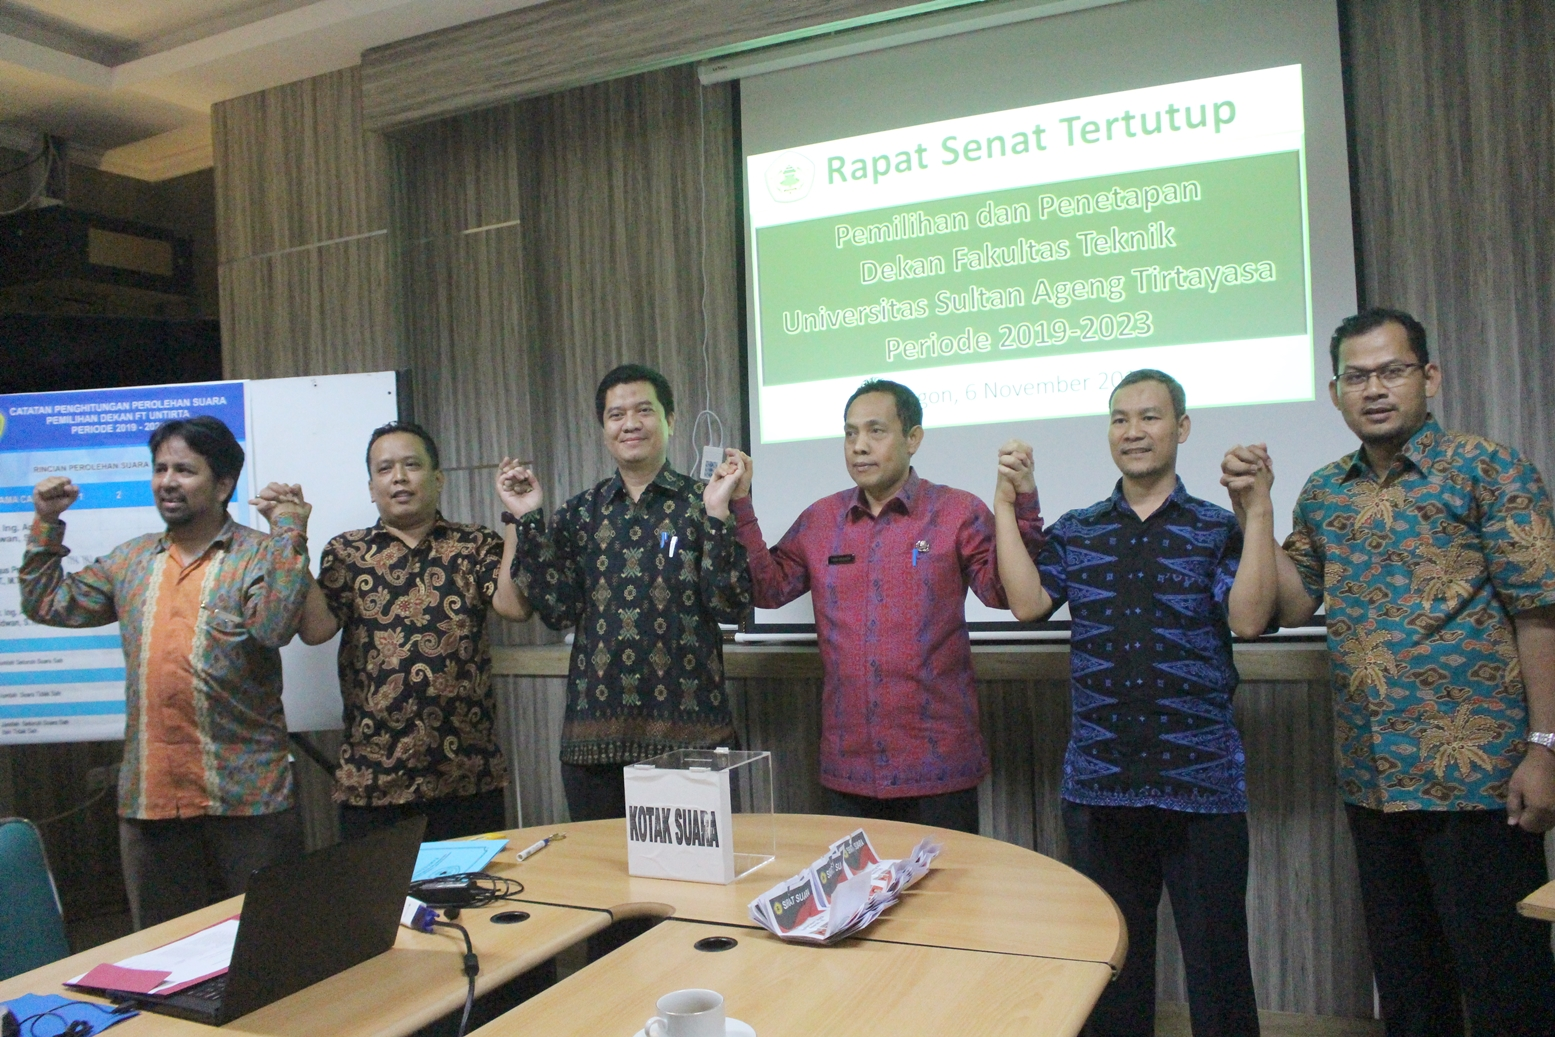 (Bahasa) Sidang Senat Tertutup FT Tentukan Dekan Periode 2019 – 2023